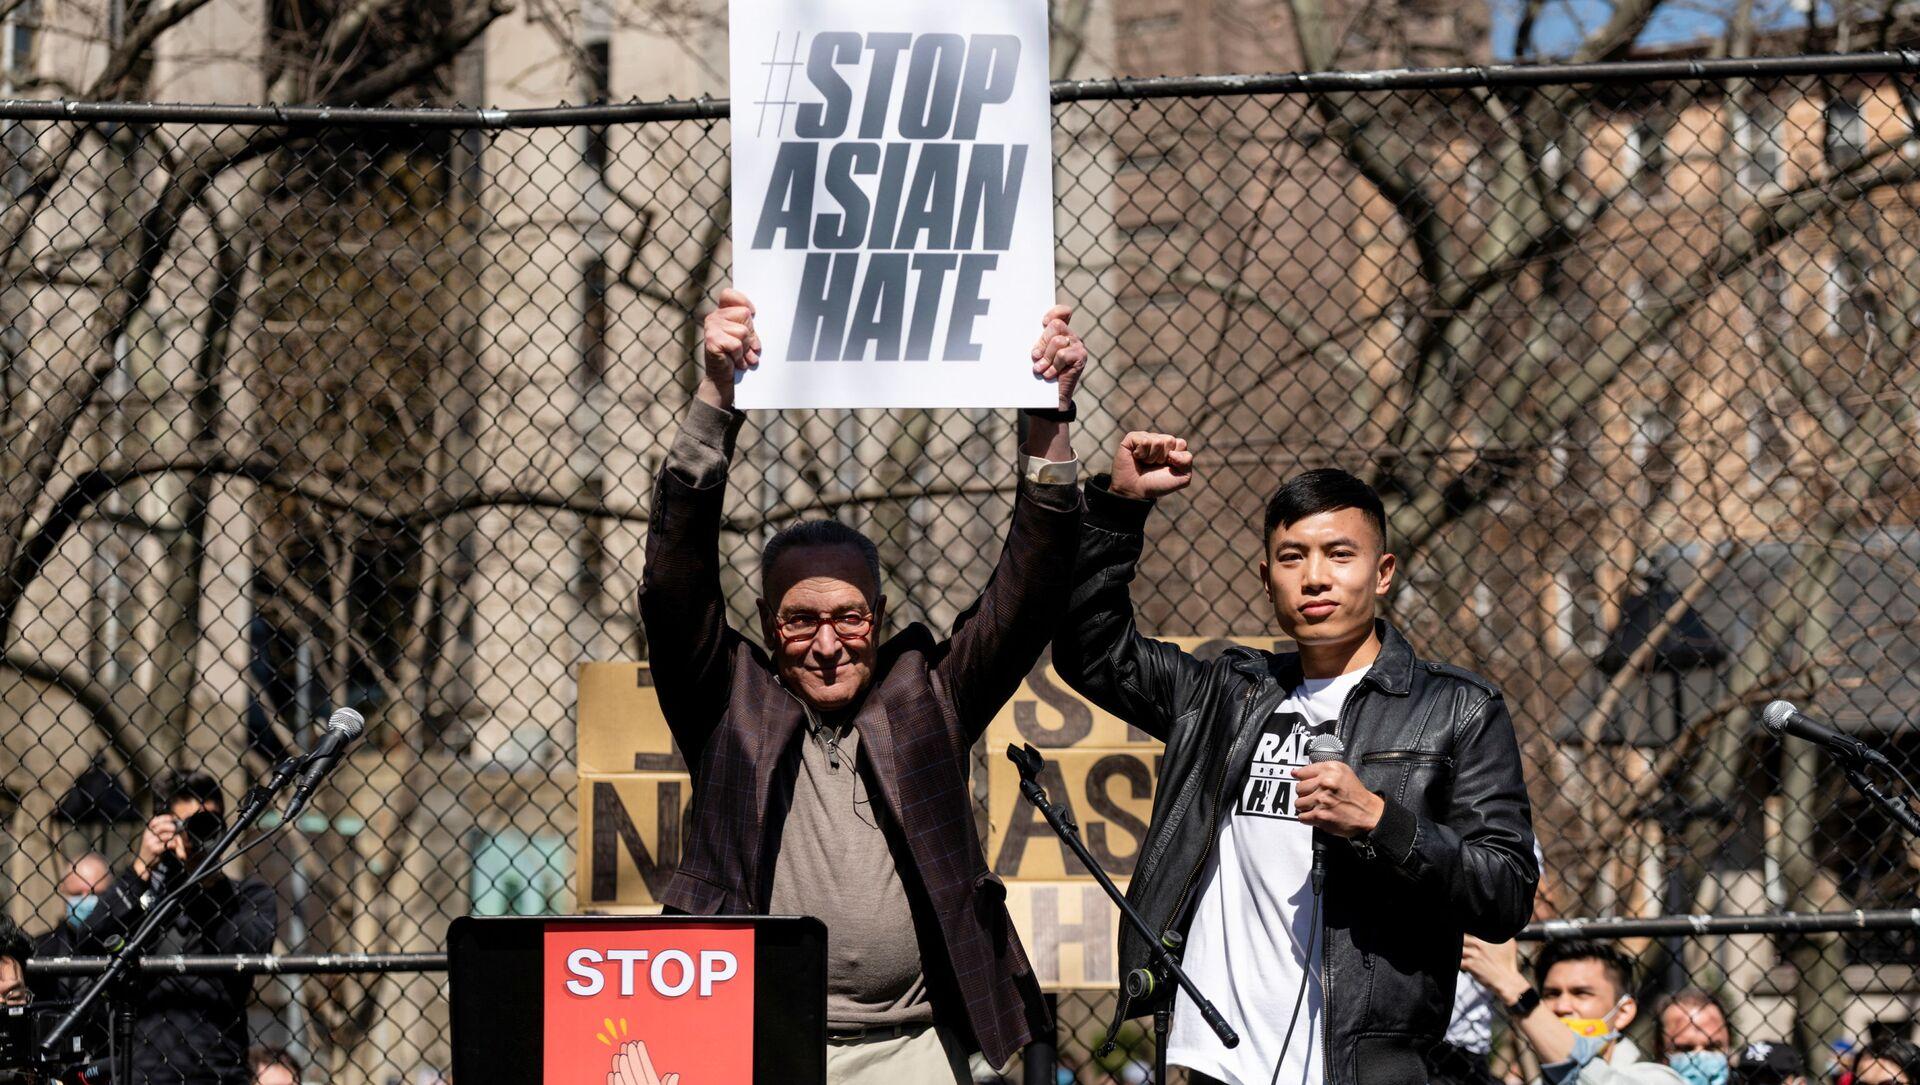 Mit-tinh chống phân biệt đối xử với người Mỹ gốc Á ở New York. - Sputnik Việt Nam, 1920, 22.03.2021